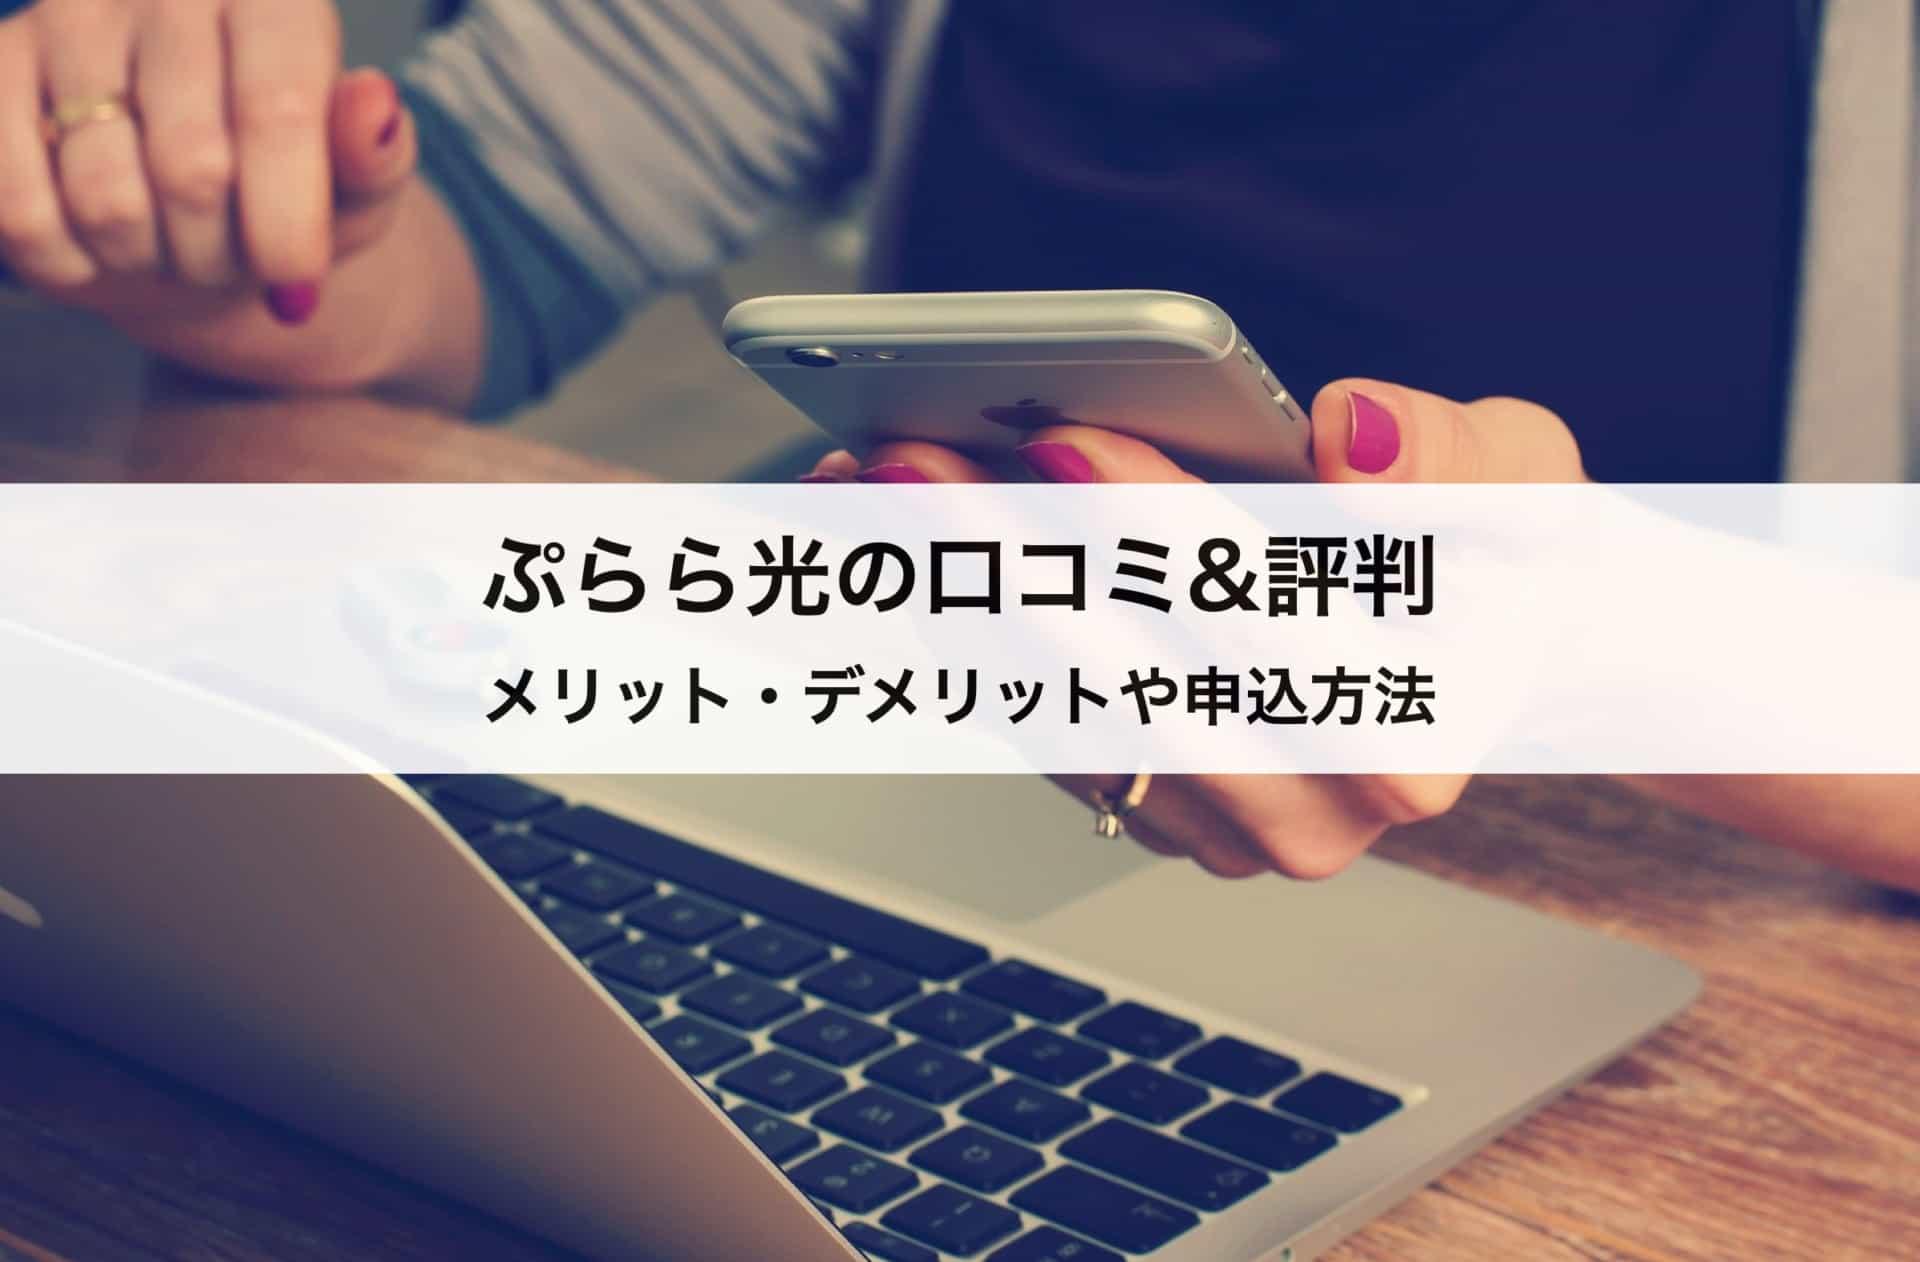 ぷらら光の口コミ&評判 メリット・デメリットや申込方法まで徹底解説!